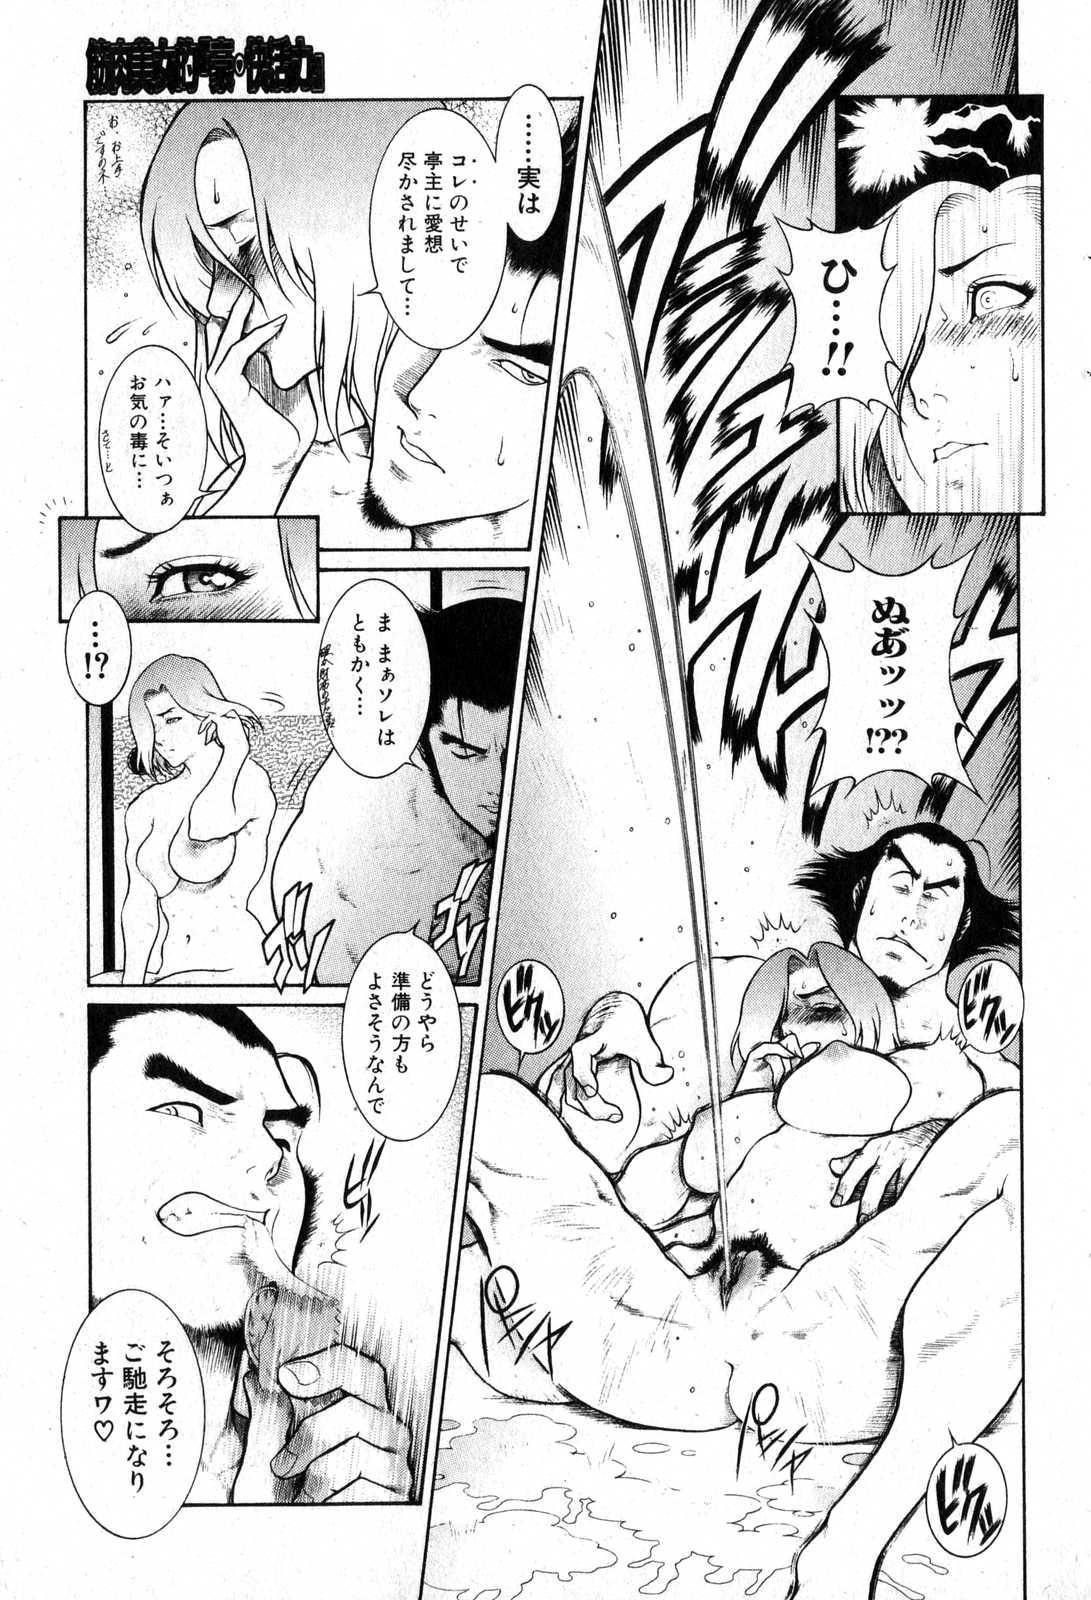 Bishoujo Teki Kaikatsu Ryoku 2007 Vol.15 178